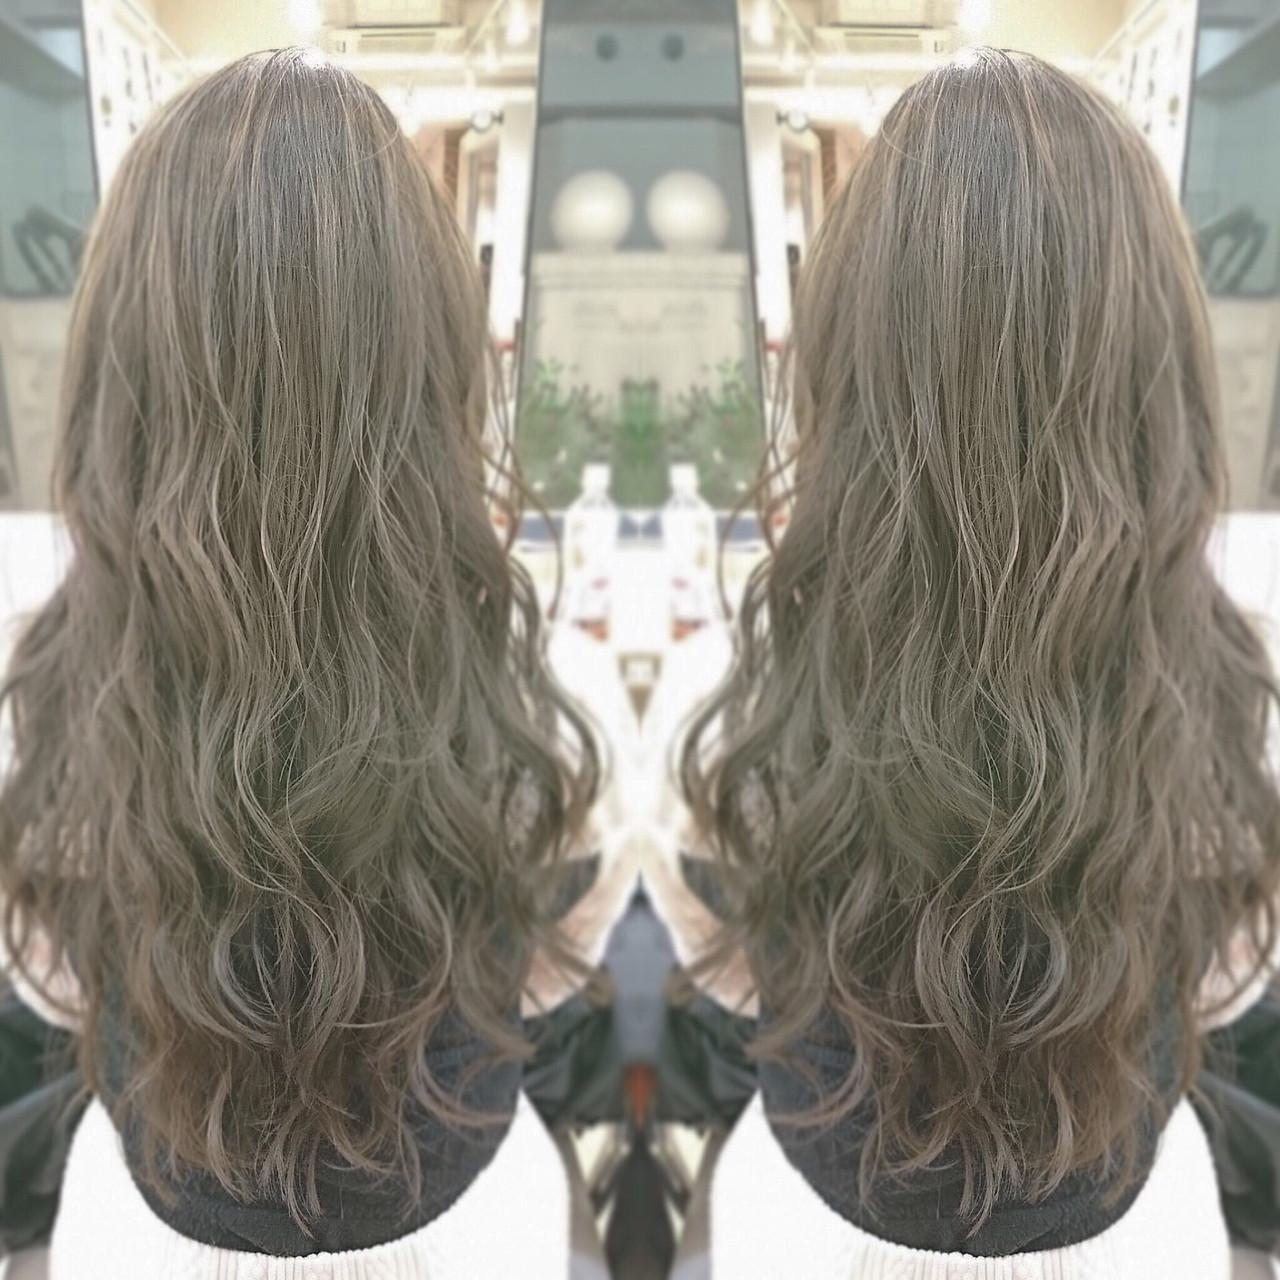 グレージュ ヘアアレンジ 外国人風 ロング ヘアスタイルや髪型の写真・画像 | AKIL'A / NEEL